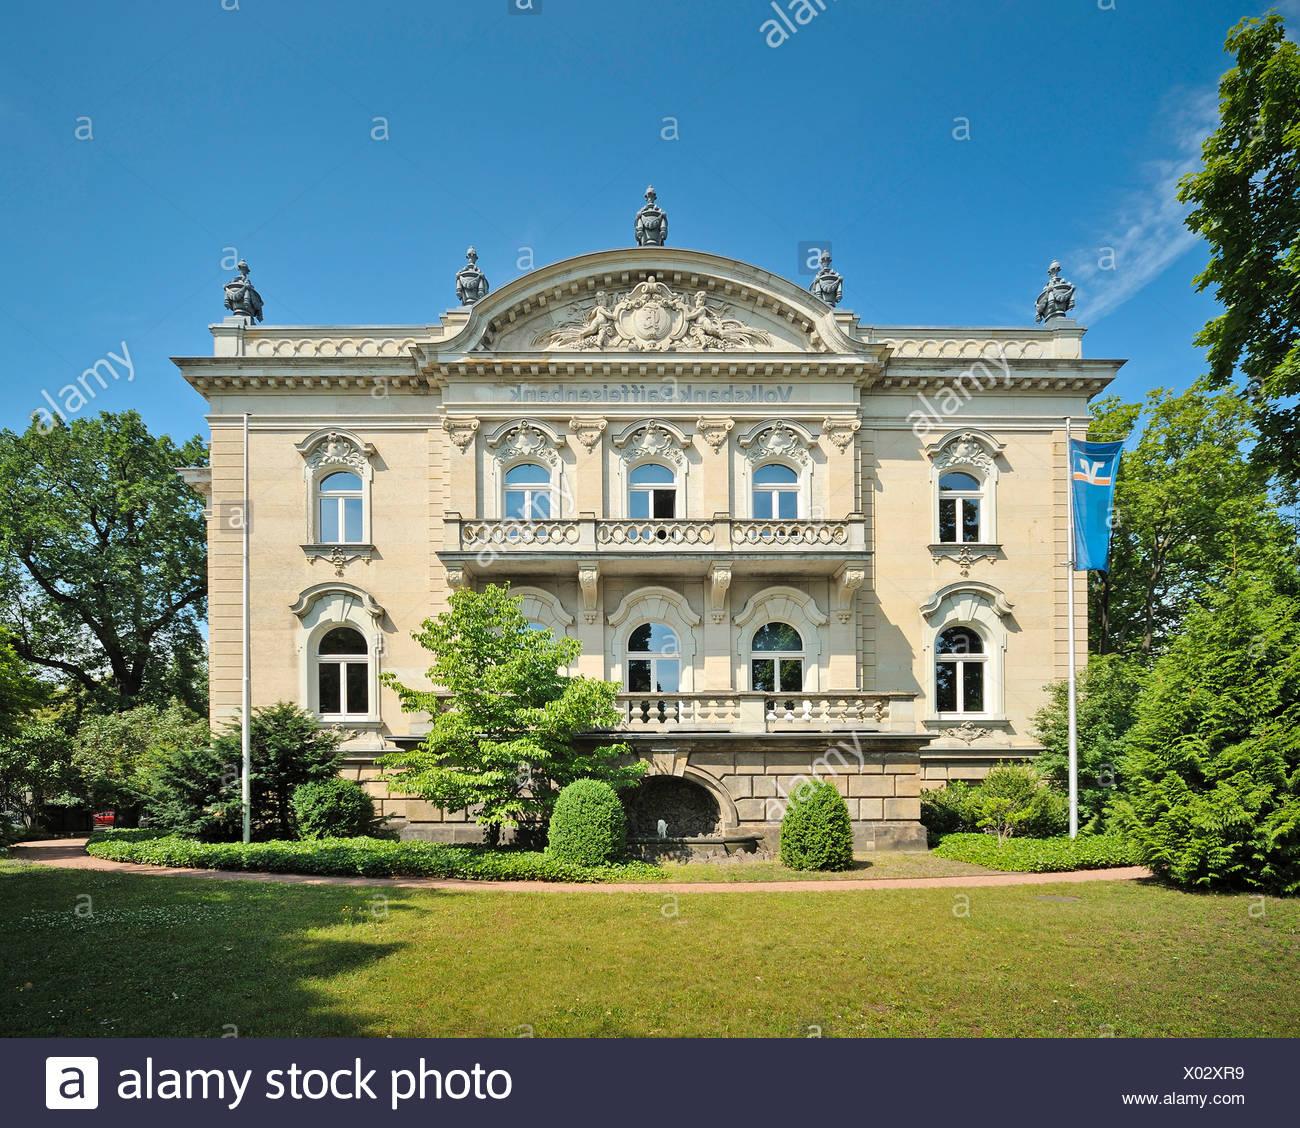 Villa Salzburg Dresden Wohndesign: Villa Dresden Saxony Stock Photos & Villa Dresden Saxony